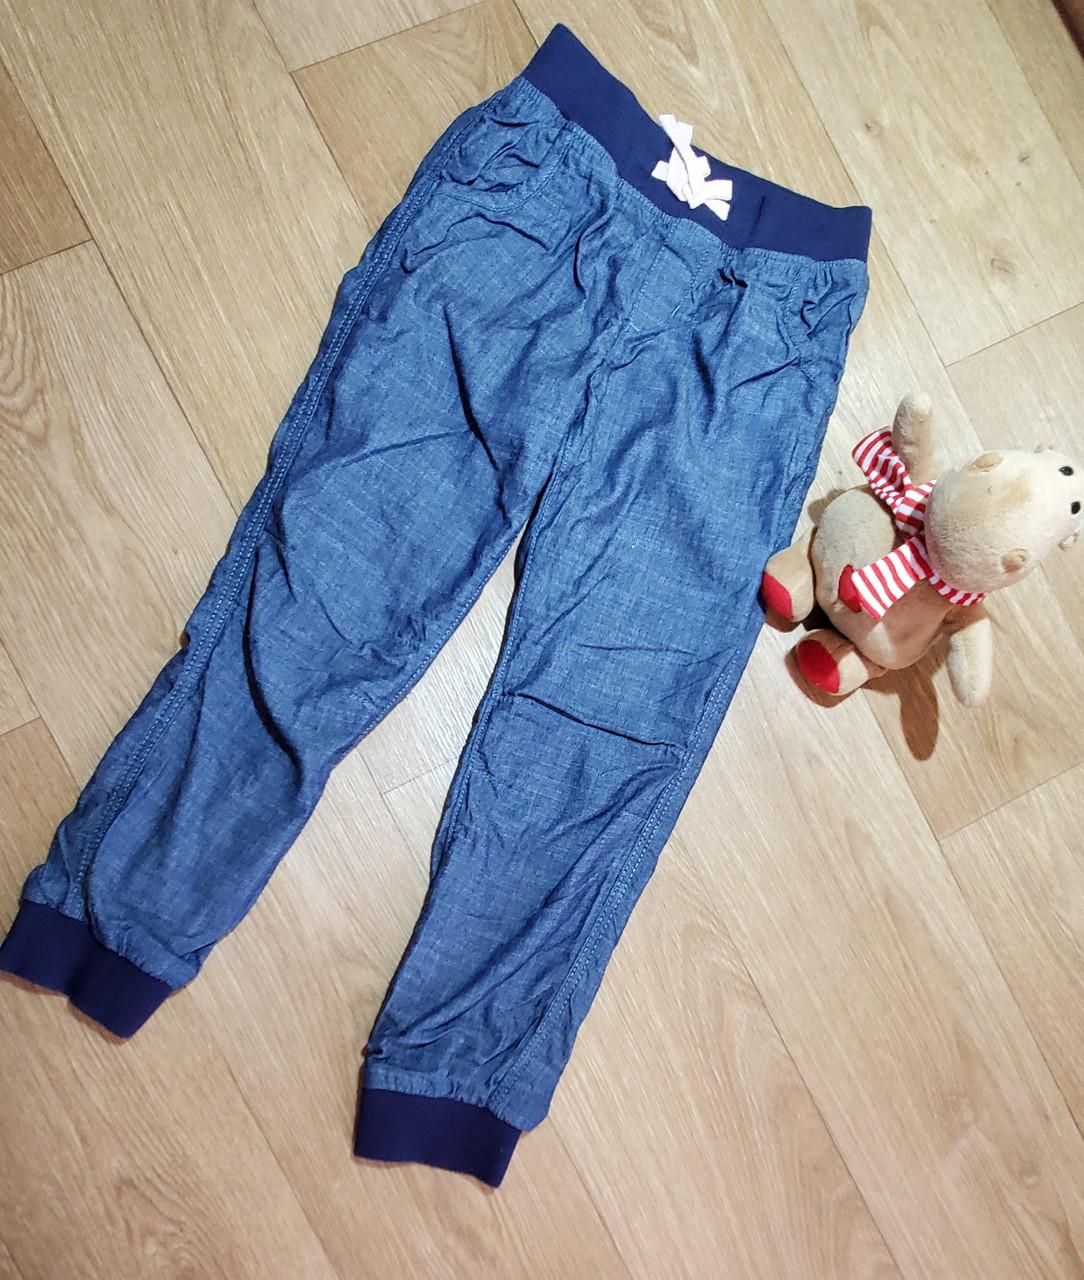 Стильные утепленные джинсы с хлопковой подкладкой на манжете H&M (Англия) (Размер 6-7Т)